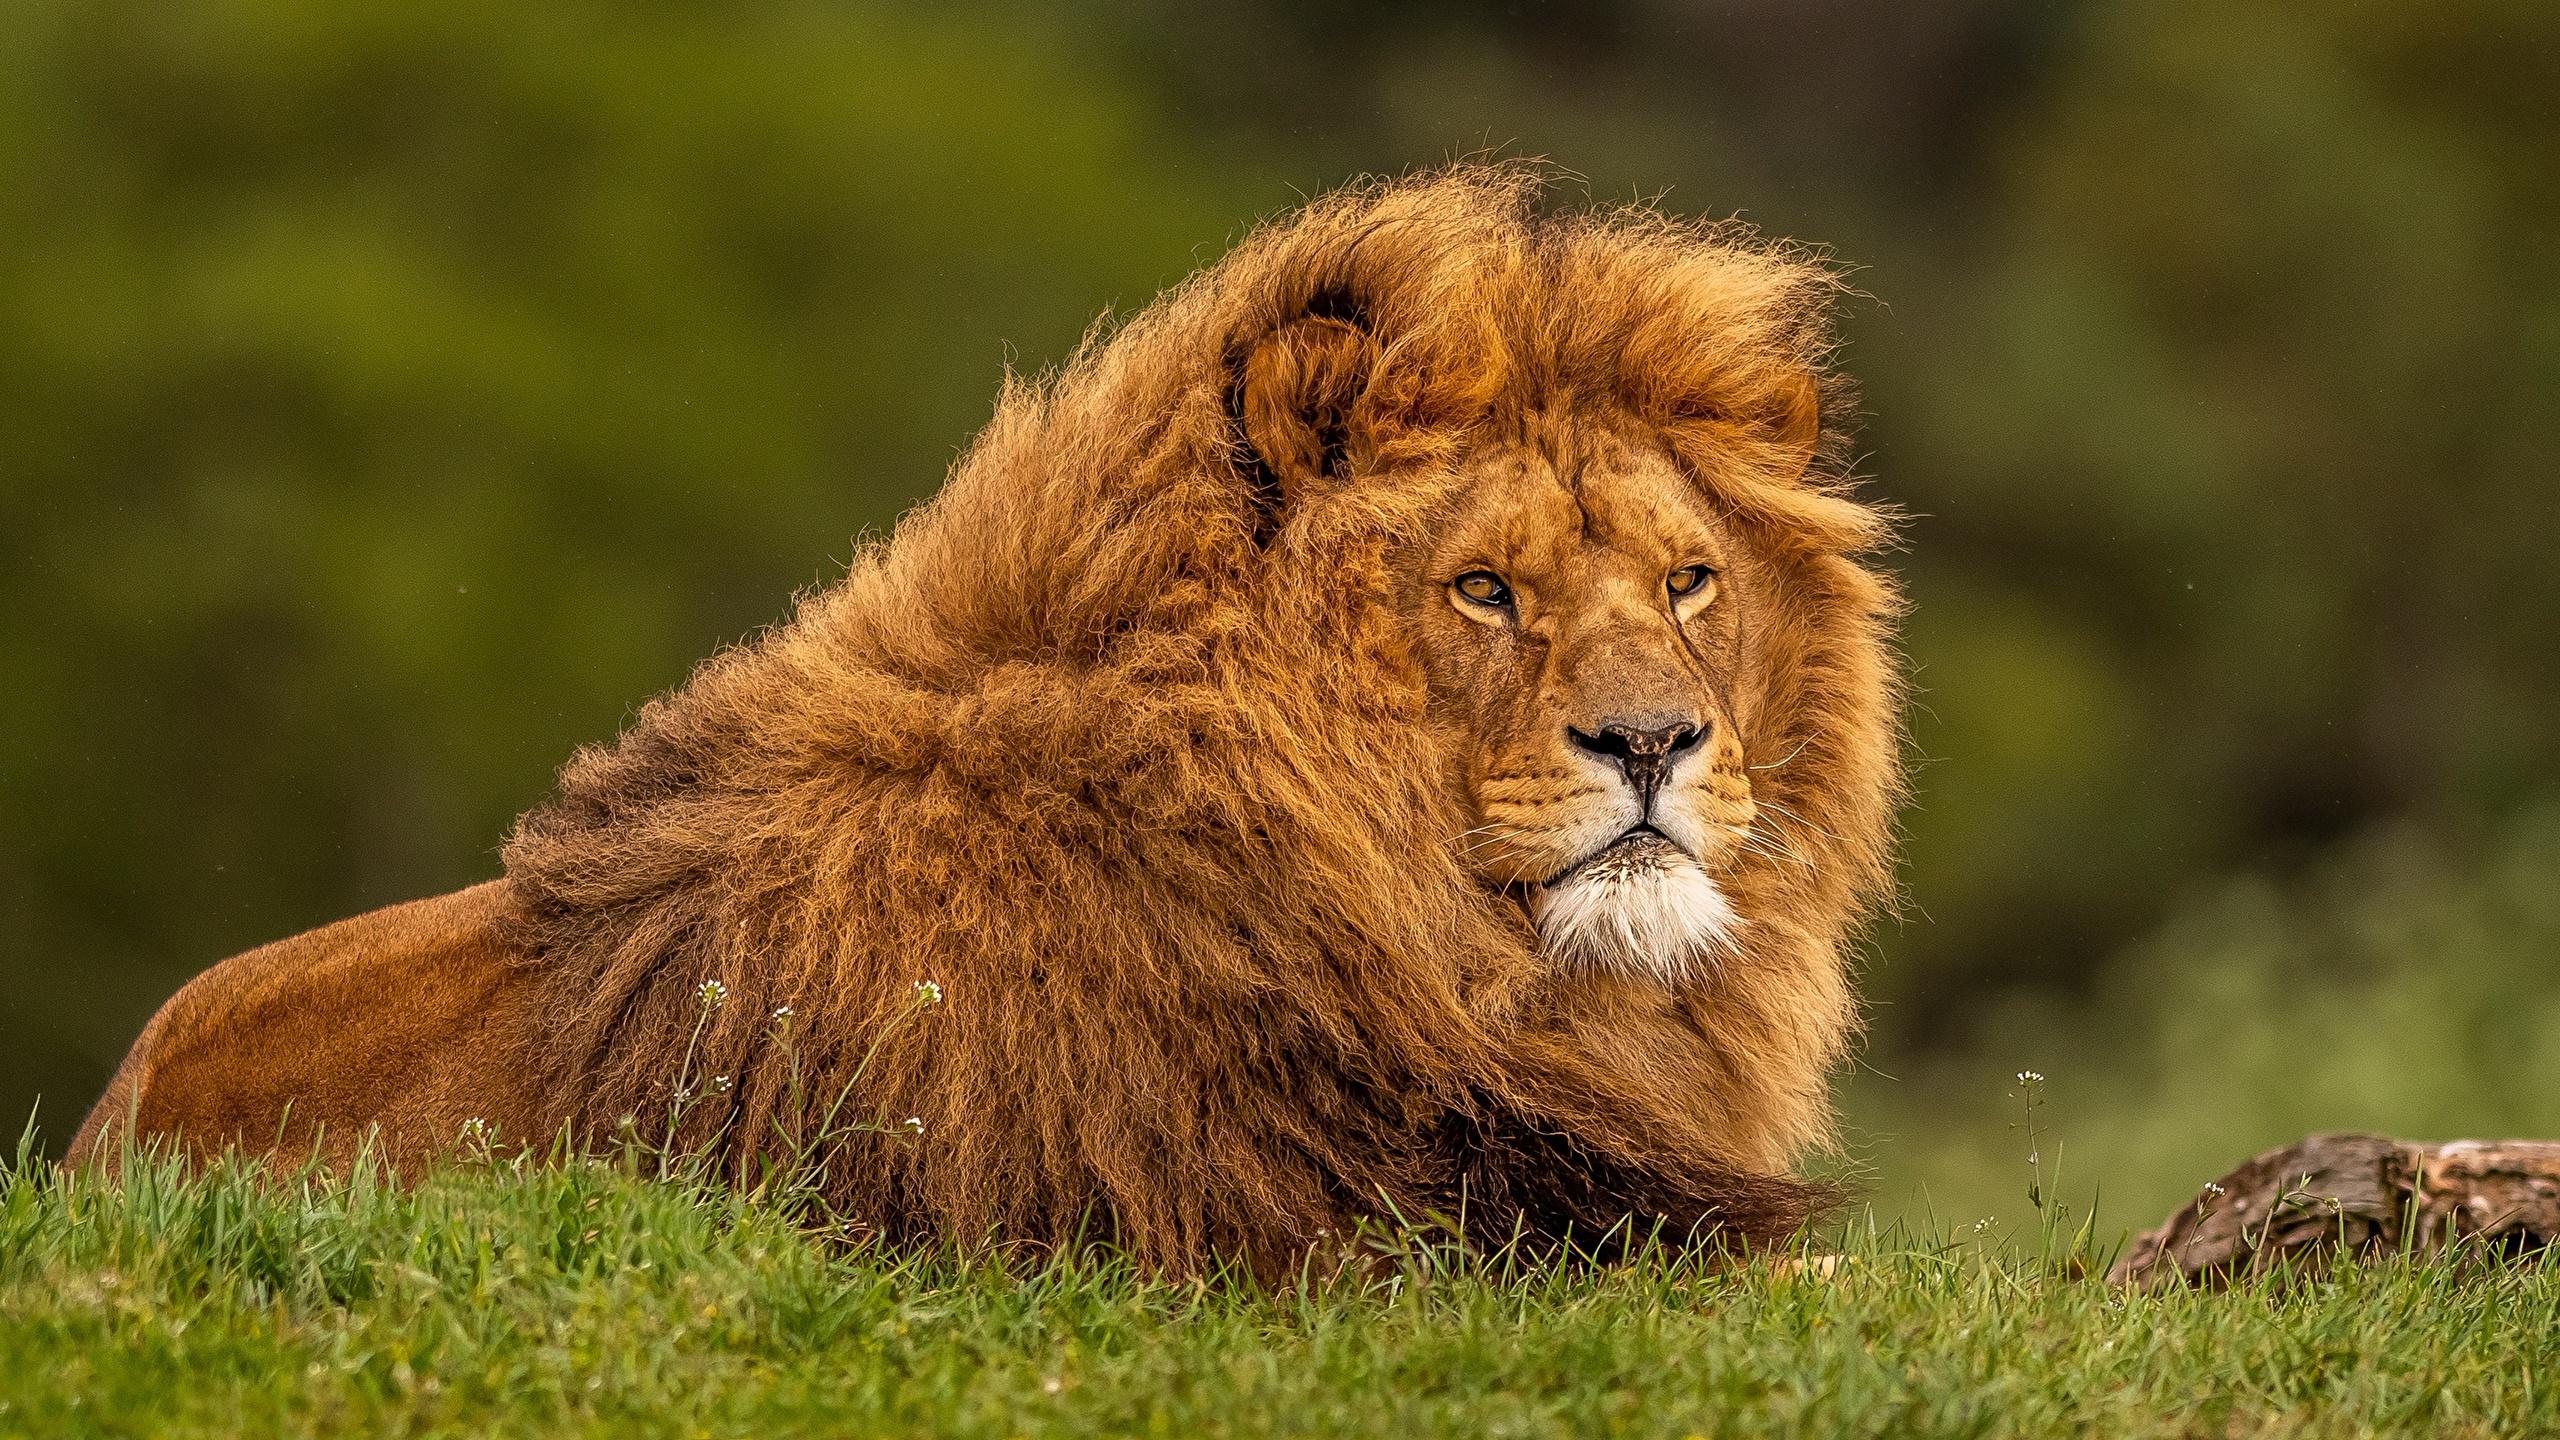 Fonds Decran 2560x1440 Lions Herbe Animaux Télécharger Photo